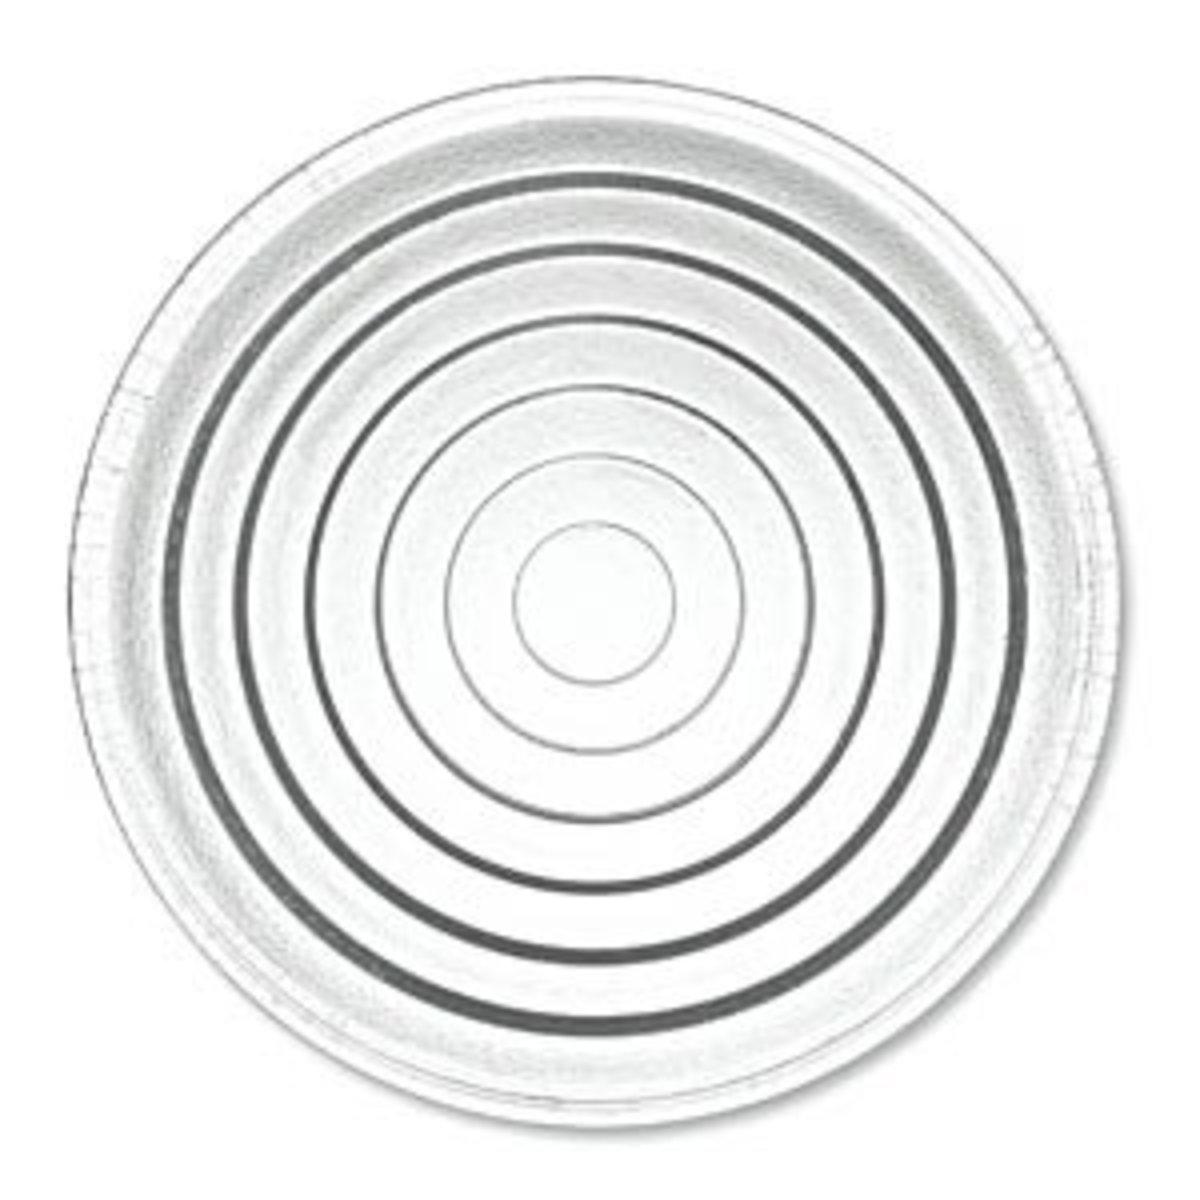 IMAGE 12: A Fresnel lens.